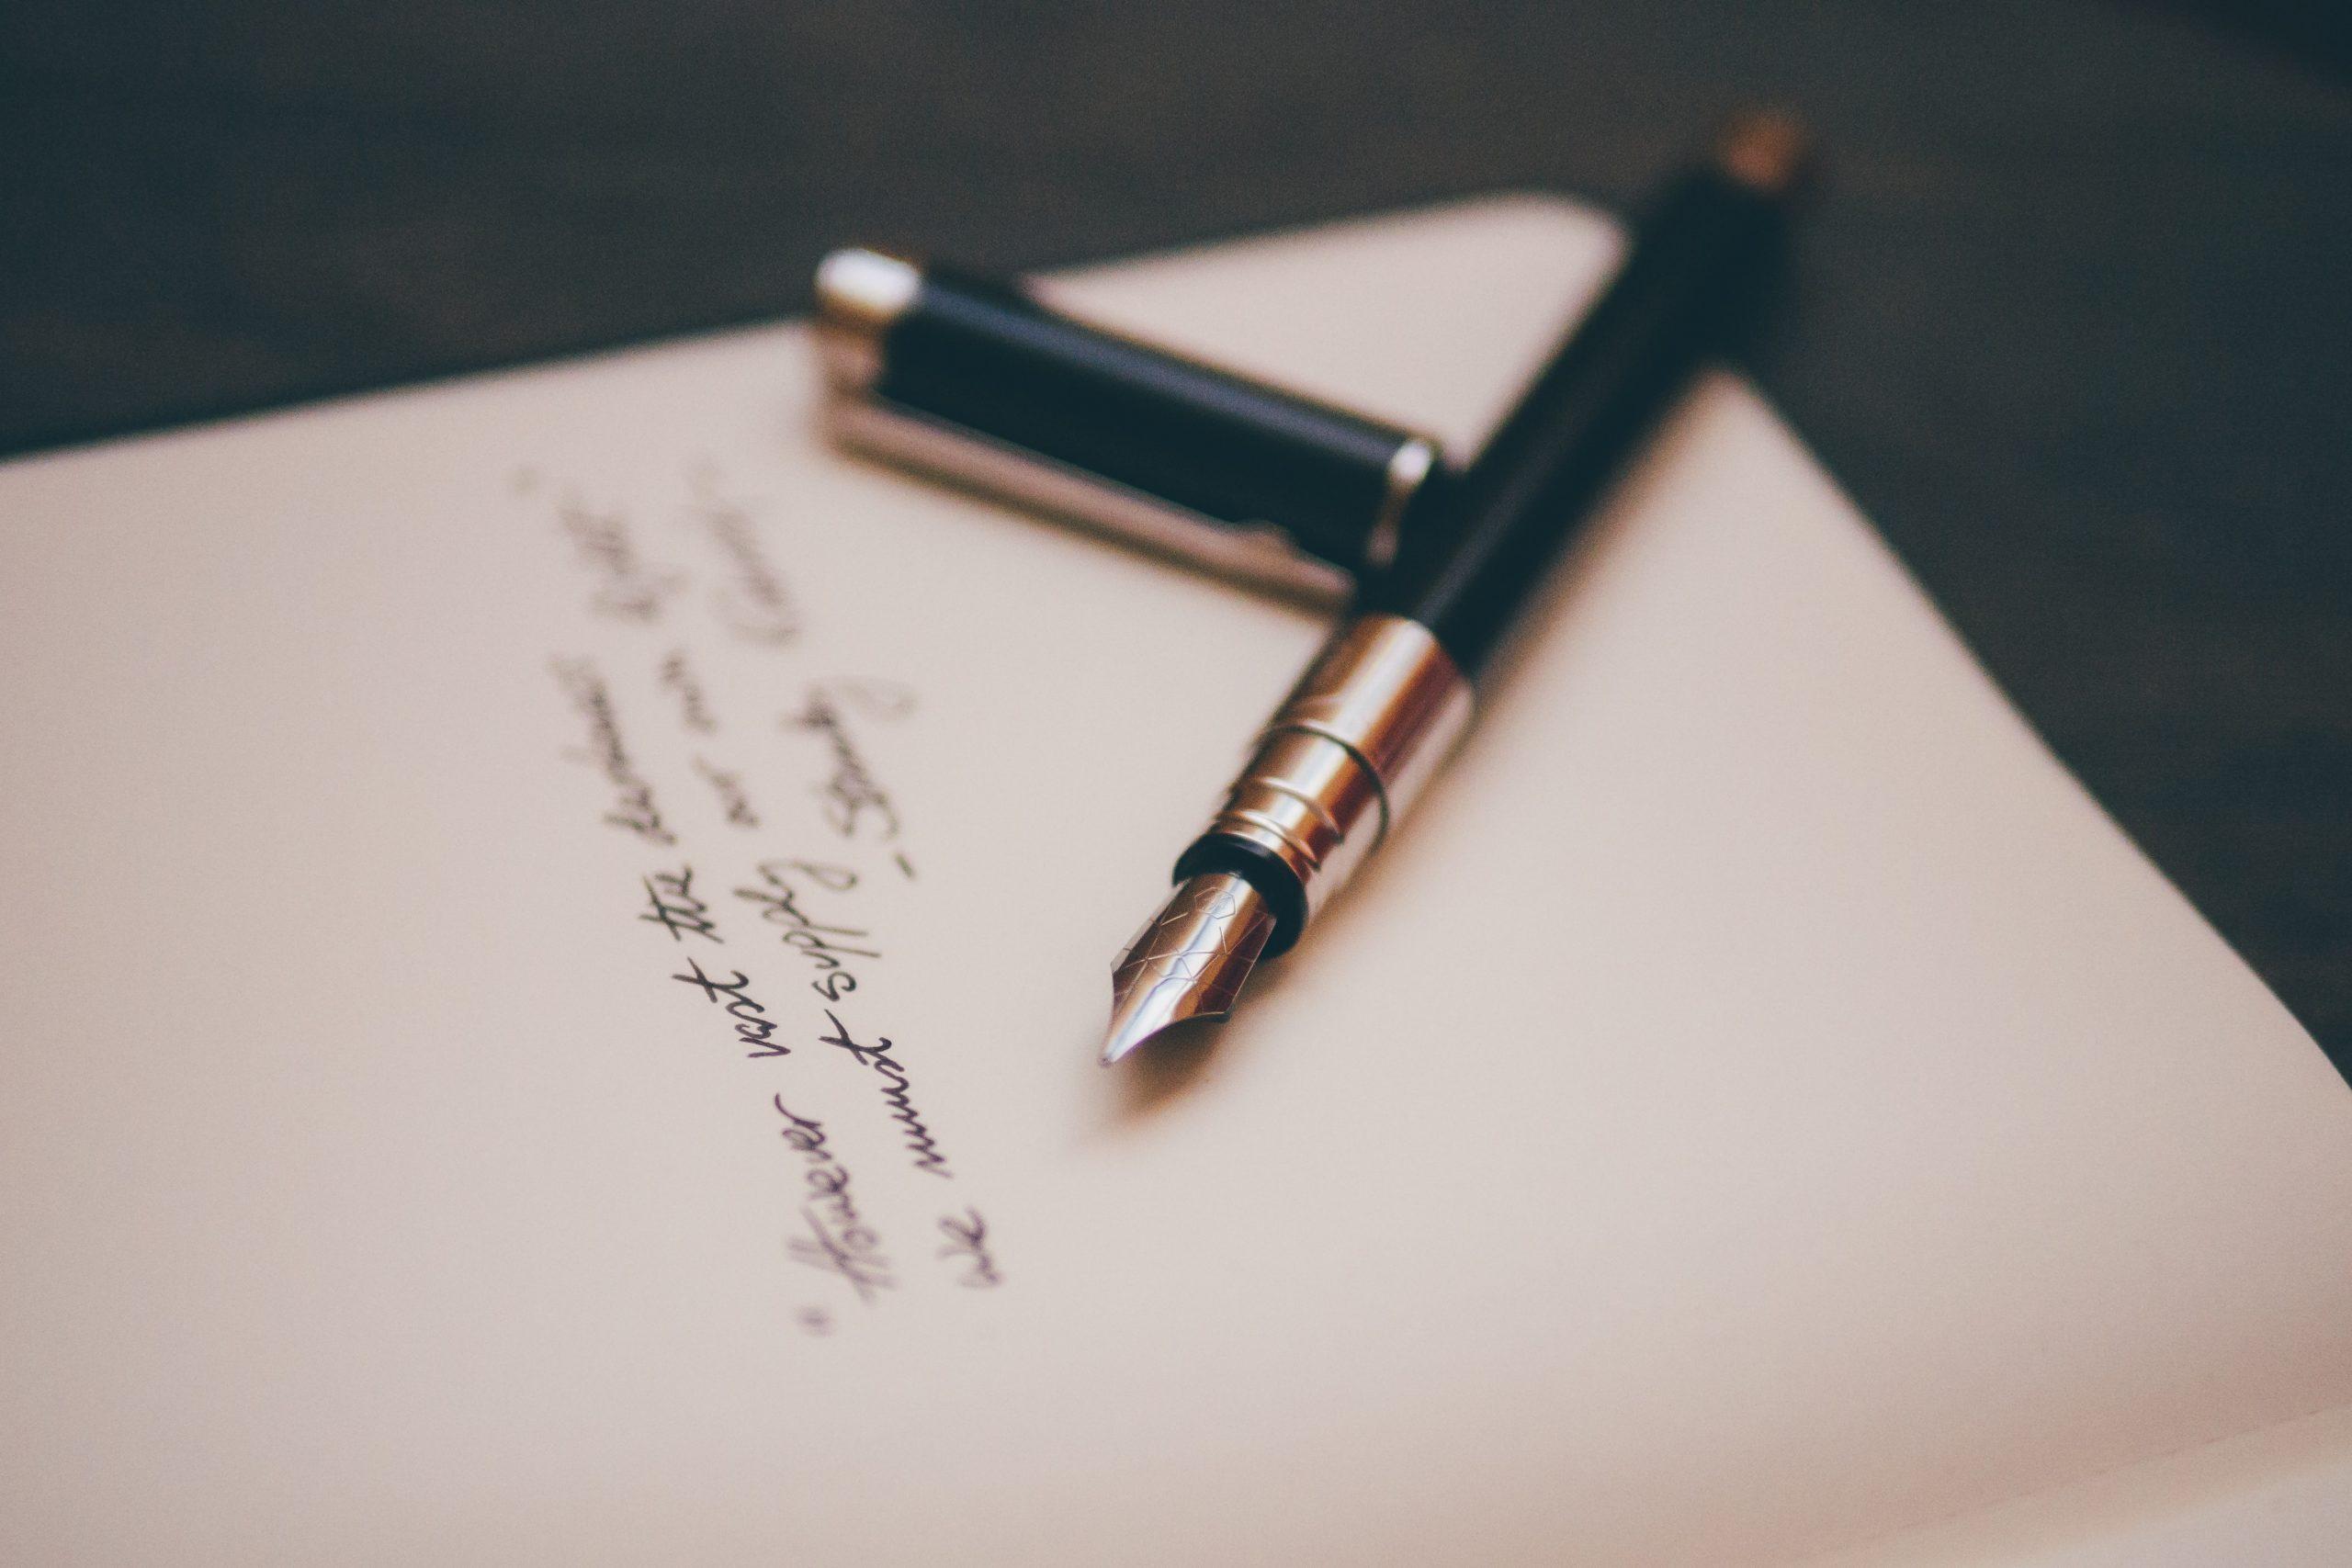 Les 7 étapes pour écrire une lettre de vente (qui vend vraiment)